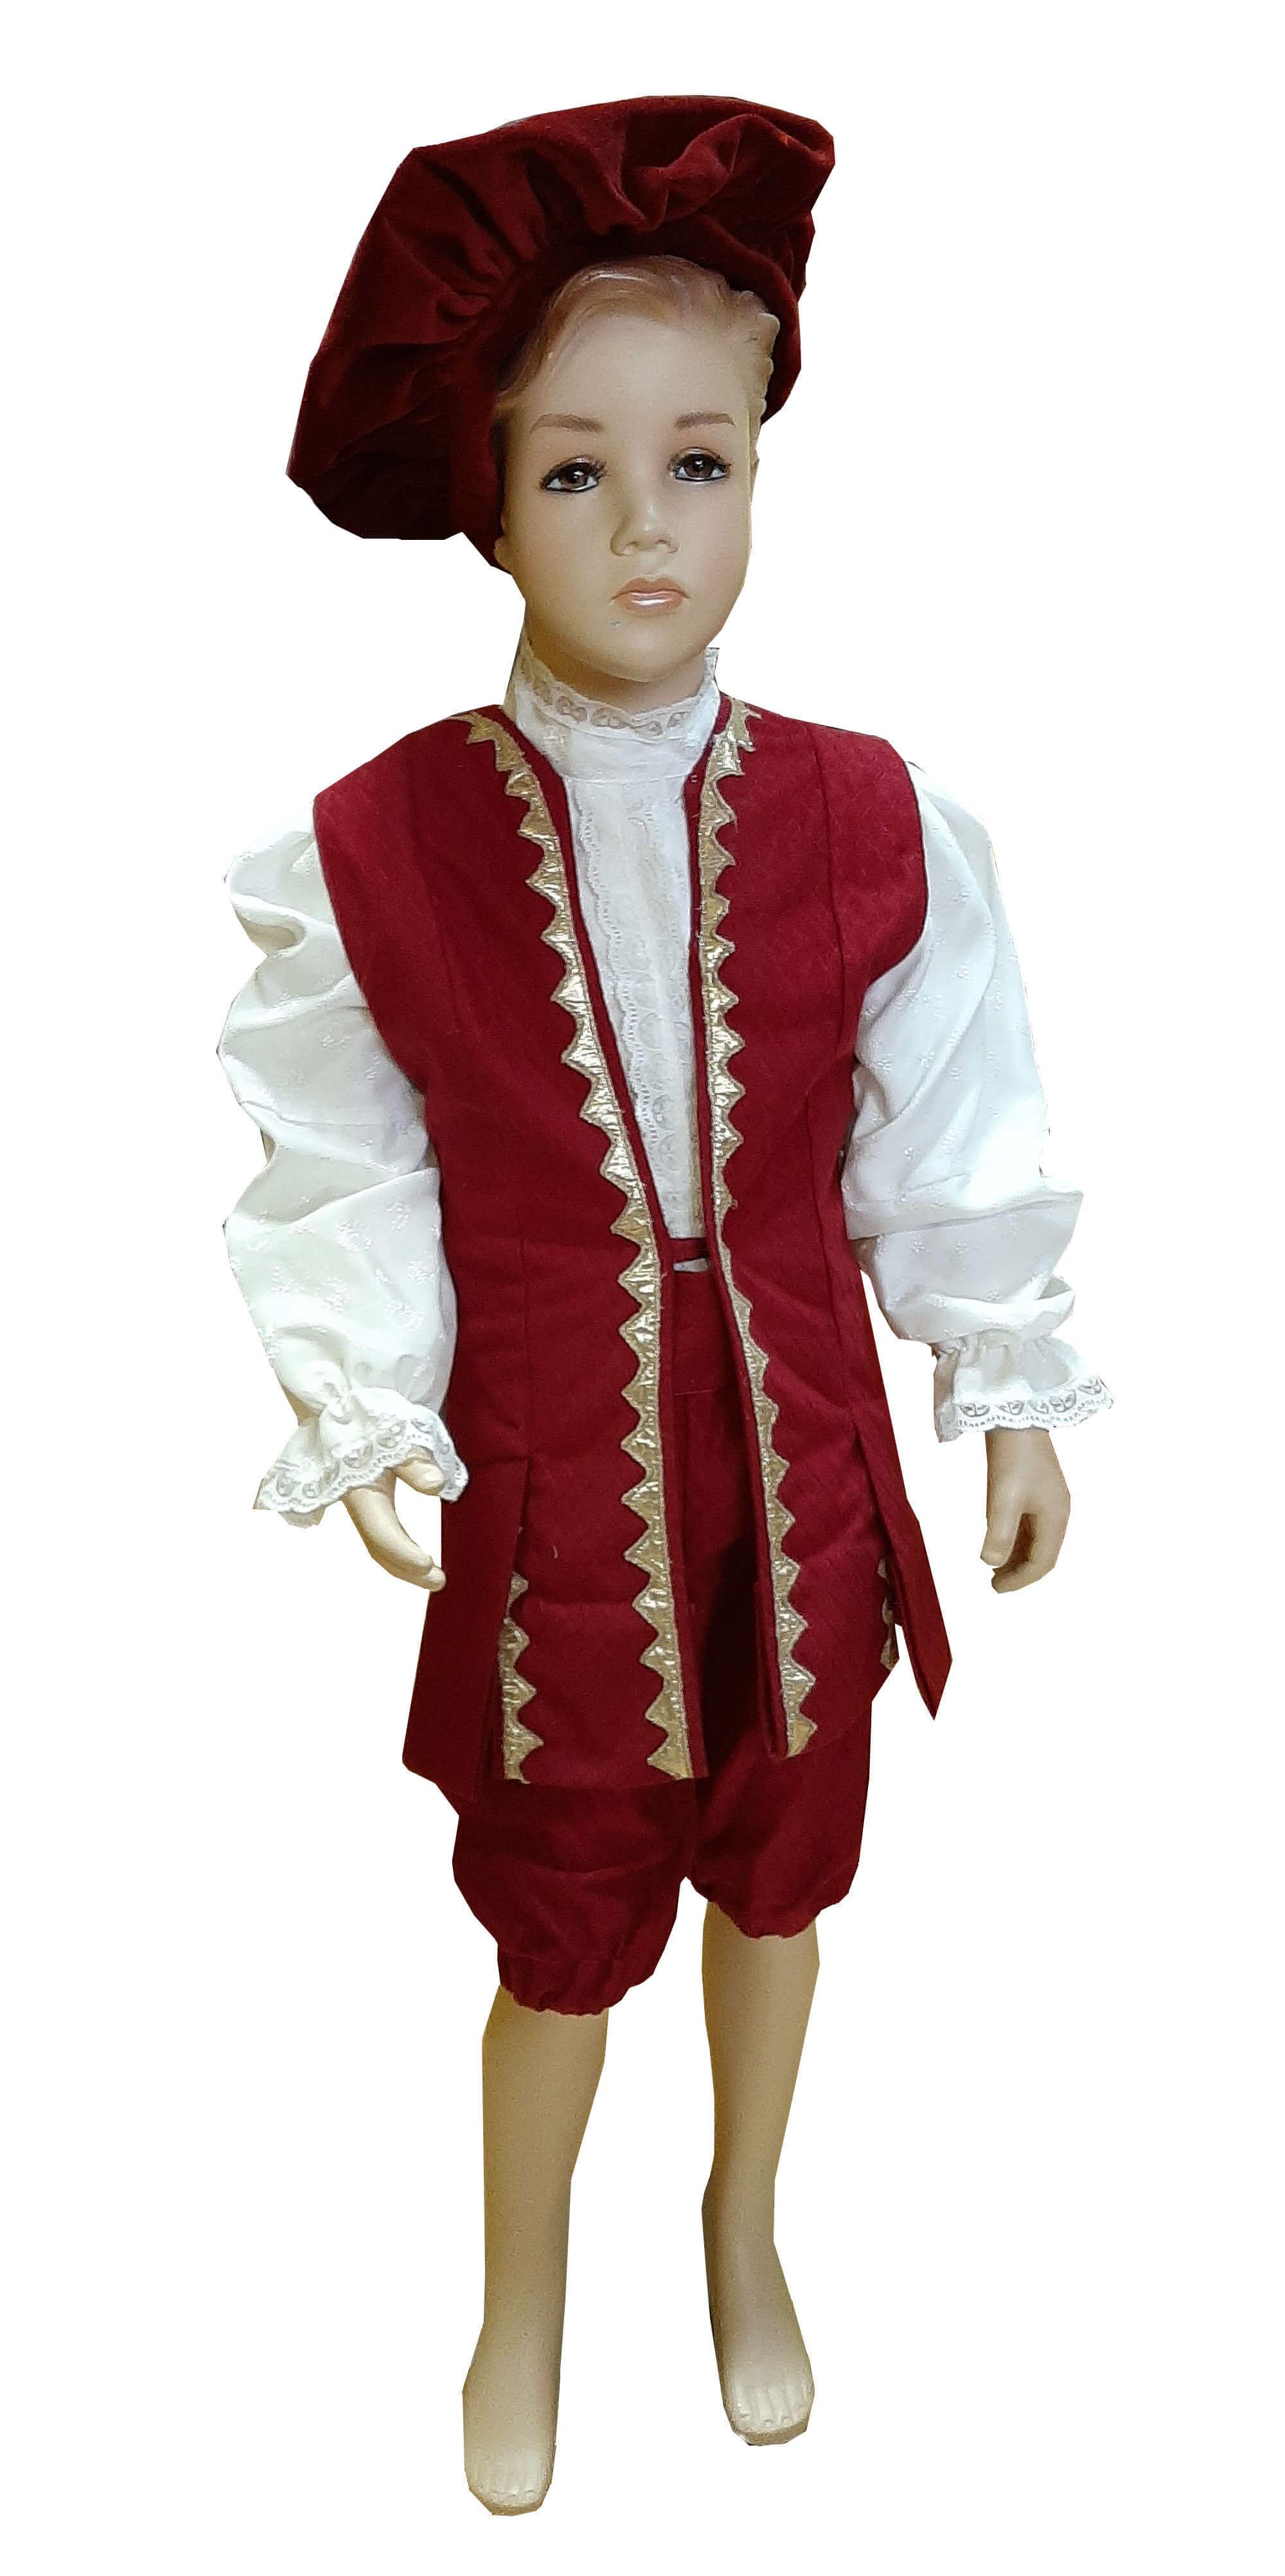 Princo kostiumas. Karnavalinių kostiumų nuoma Vilniuje - pasakunamai.lt